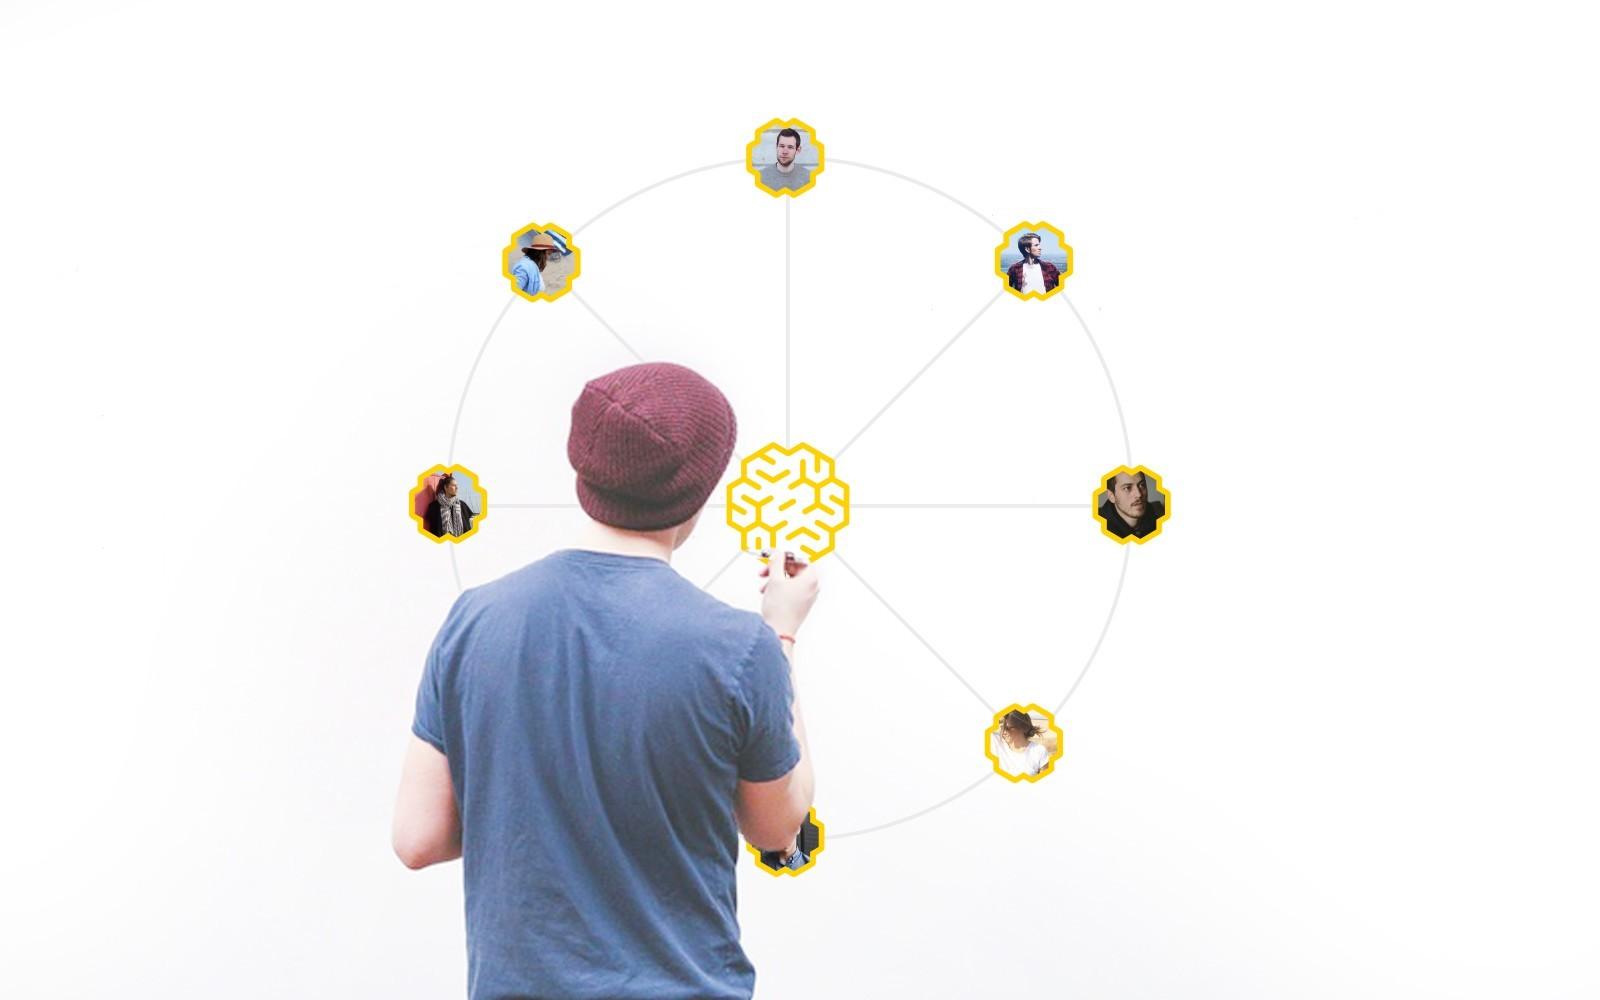 Brainster-PogonWeb-Community